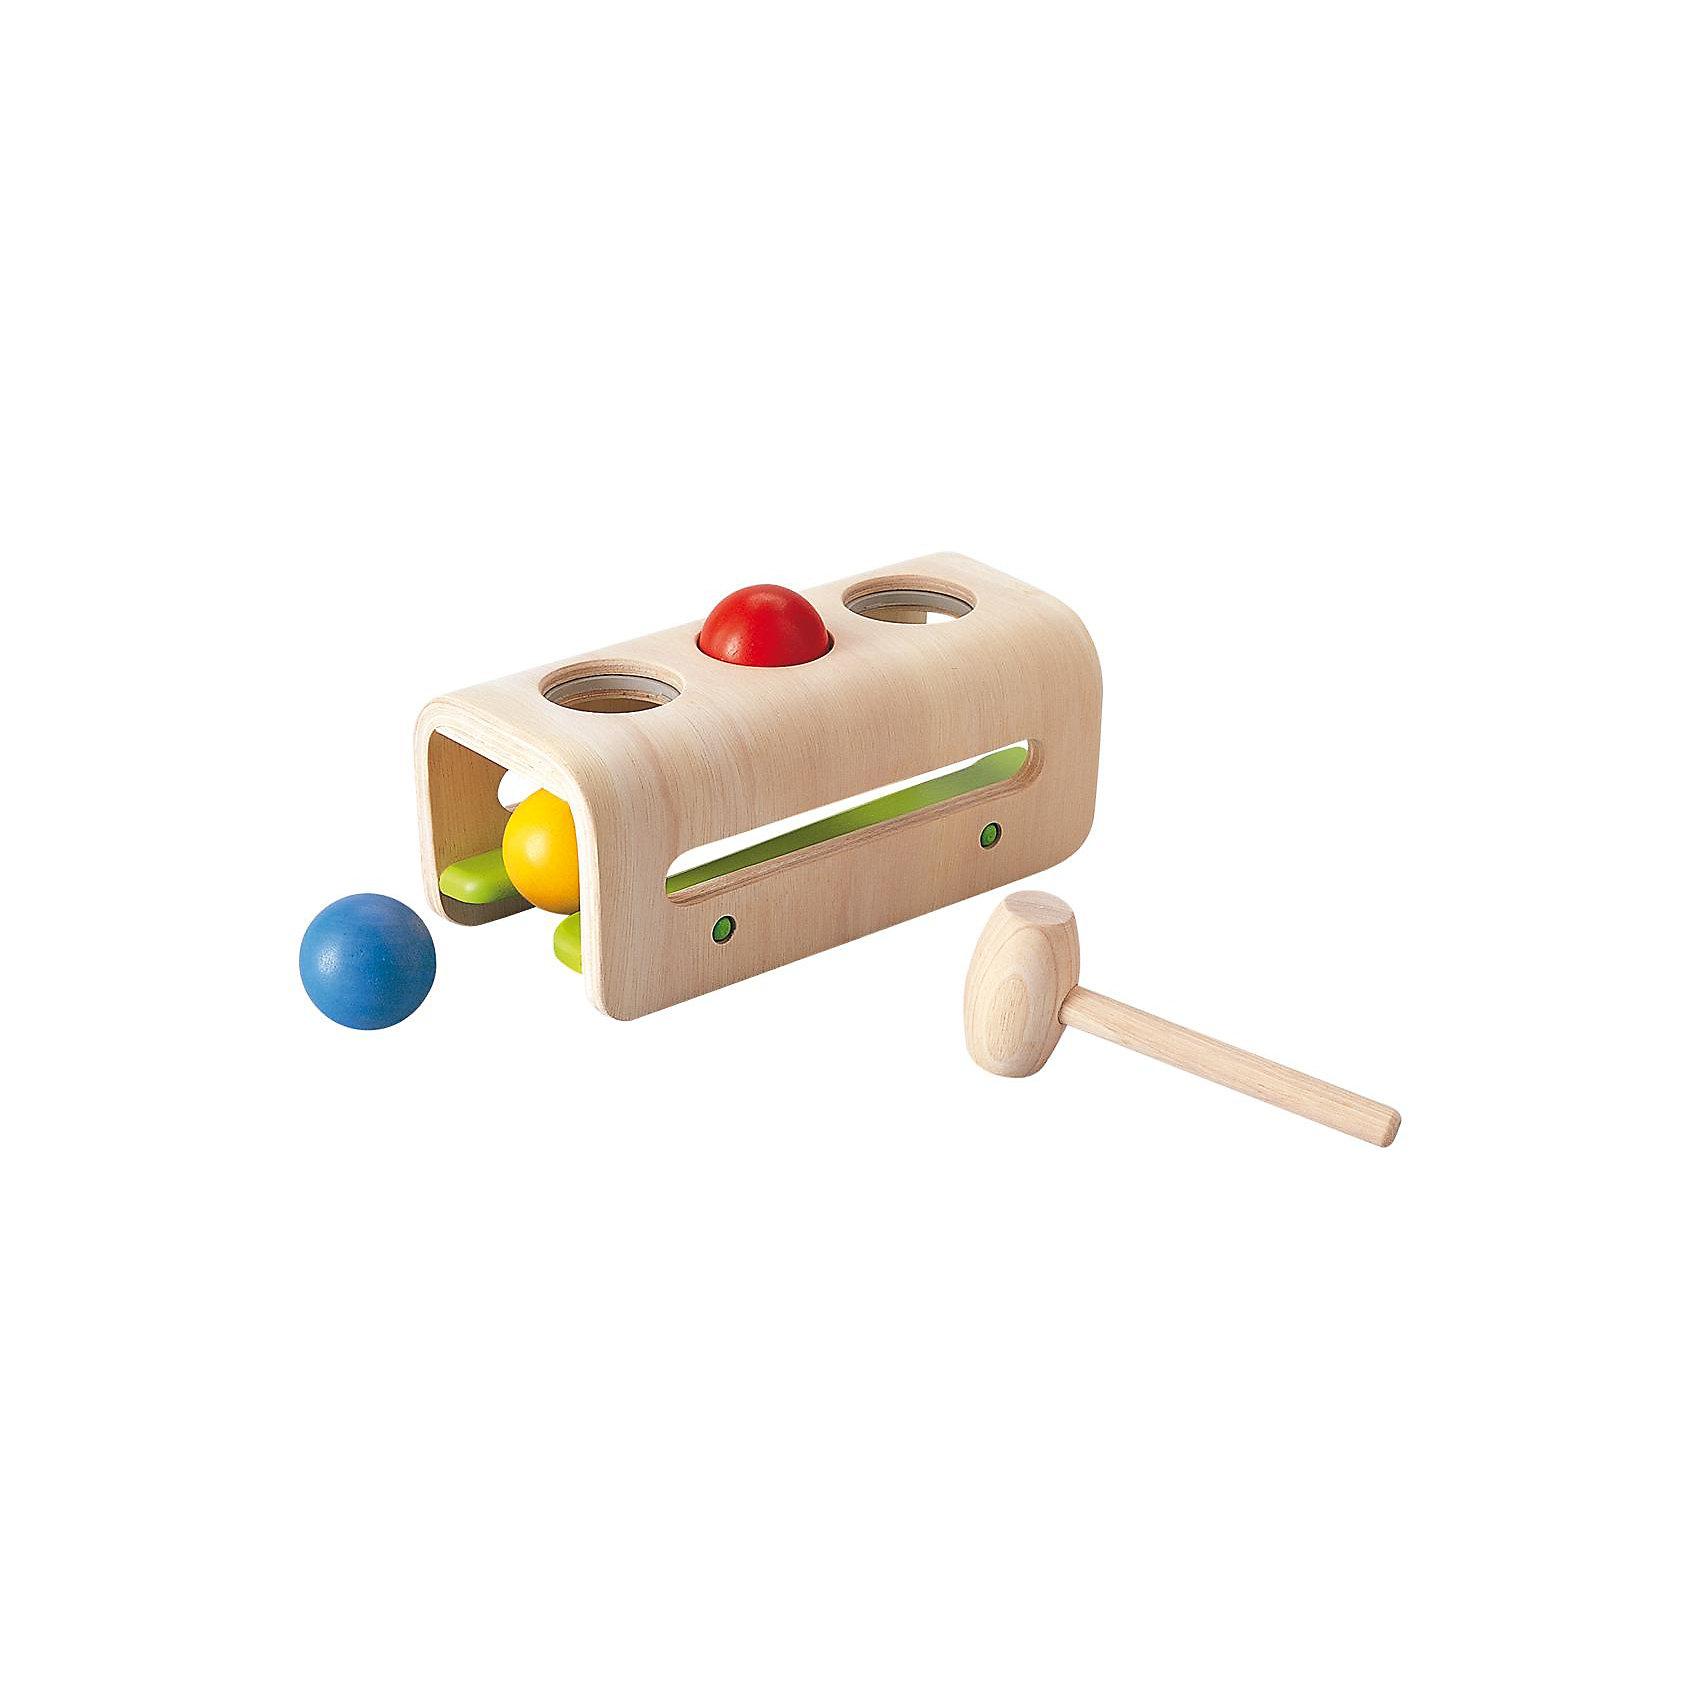 PLAN TOYS 5348 Доска с молоточком и шарикамиРазвивающие игрушки<br>Игрушка помогает улучшить координацию глаза-рука и тренирует навыки выравнивания и прицеливания. <br><br>Когда все шары будут забиты, они скатятся обратно, готовые развлекать малыша снова и снова. Забивание шаров способствует развитию мелкой моторики и коцентрации. Кроме того, удары по шарам помогают детям уменьшить напряжение, а также развивается понимание принципов причина-следствие. <br><br>Игрушка выполнена из каучукового дерева с использованием нетоксичных красок и специально изготовлена с закругленными краями, чтобы избежать вероятности травмирования. <br><br>Размеры игрушки: 24.0 x 11.5 x 10.0 см. <br><br>Размеры упаковки: 28.0 x 11.5 x 12.5 см. <br><br>Для детей от 1 года.<br><br>Материал: каучуковое дерево.<br><br>Ширина мм: 285<br>Глубина мм: 128<br>Высота мм: 115<br>Вес г: 886<br>Возраст от месяцев: 12<br>Возраст до месяцев: 36<br>Пол: Мужской<br>Возраст: Детский<br>SKU: 2035262